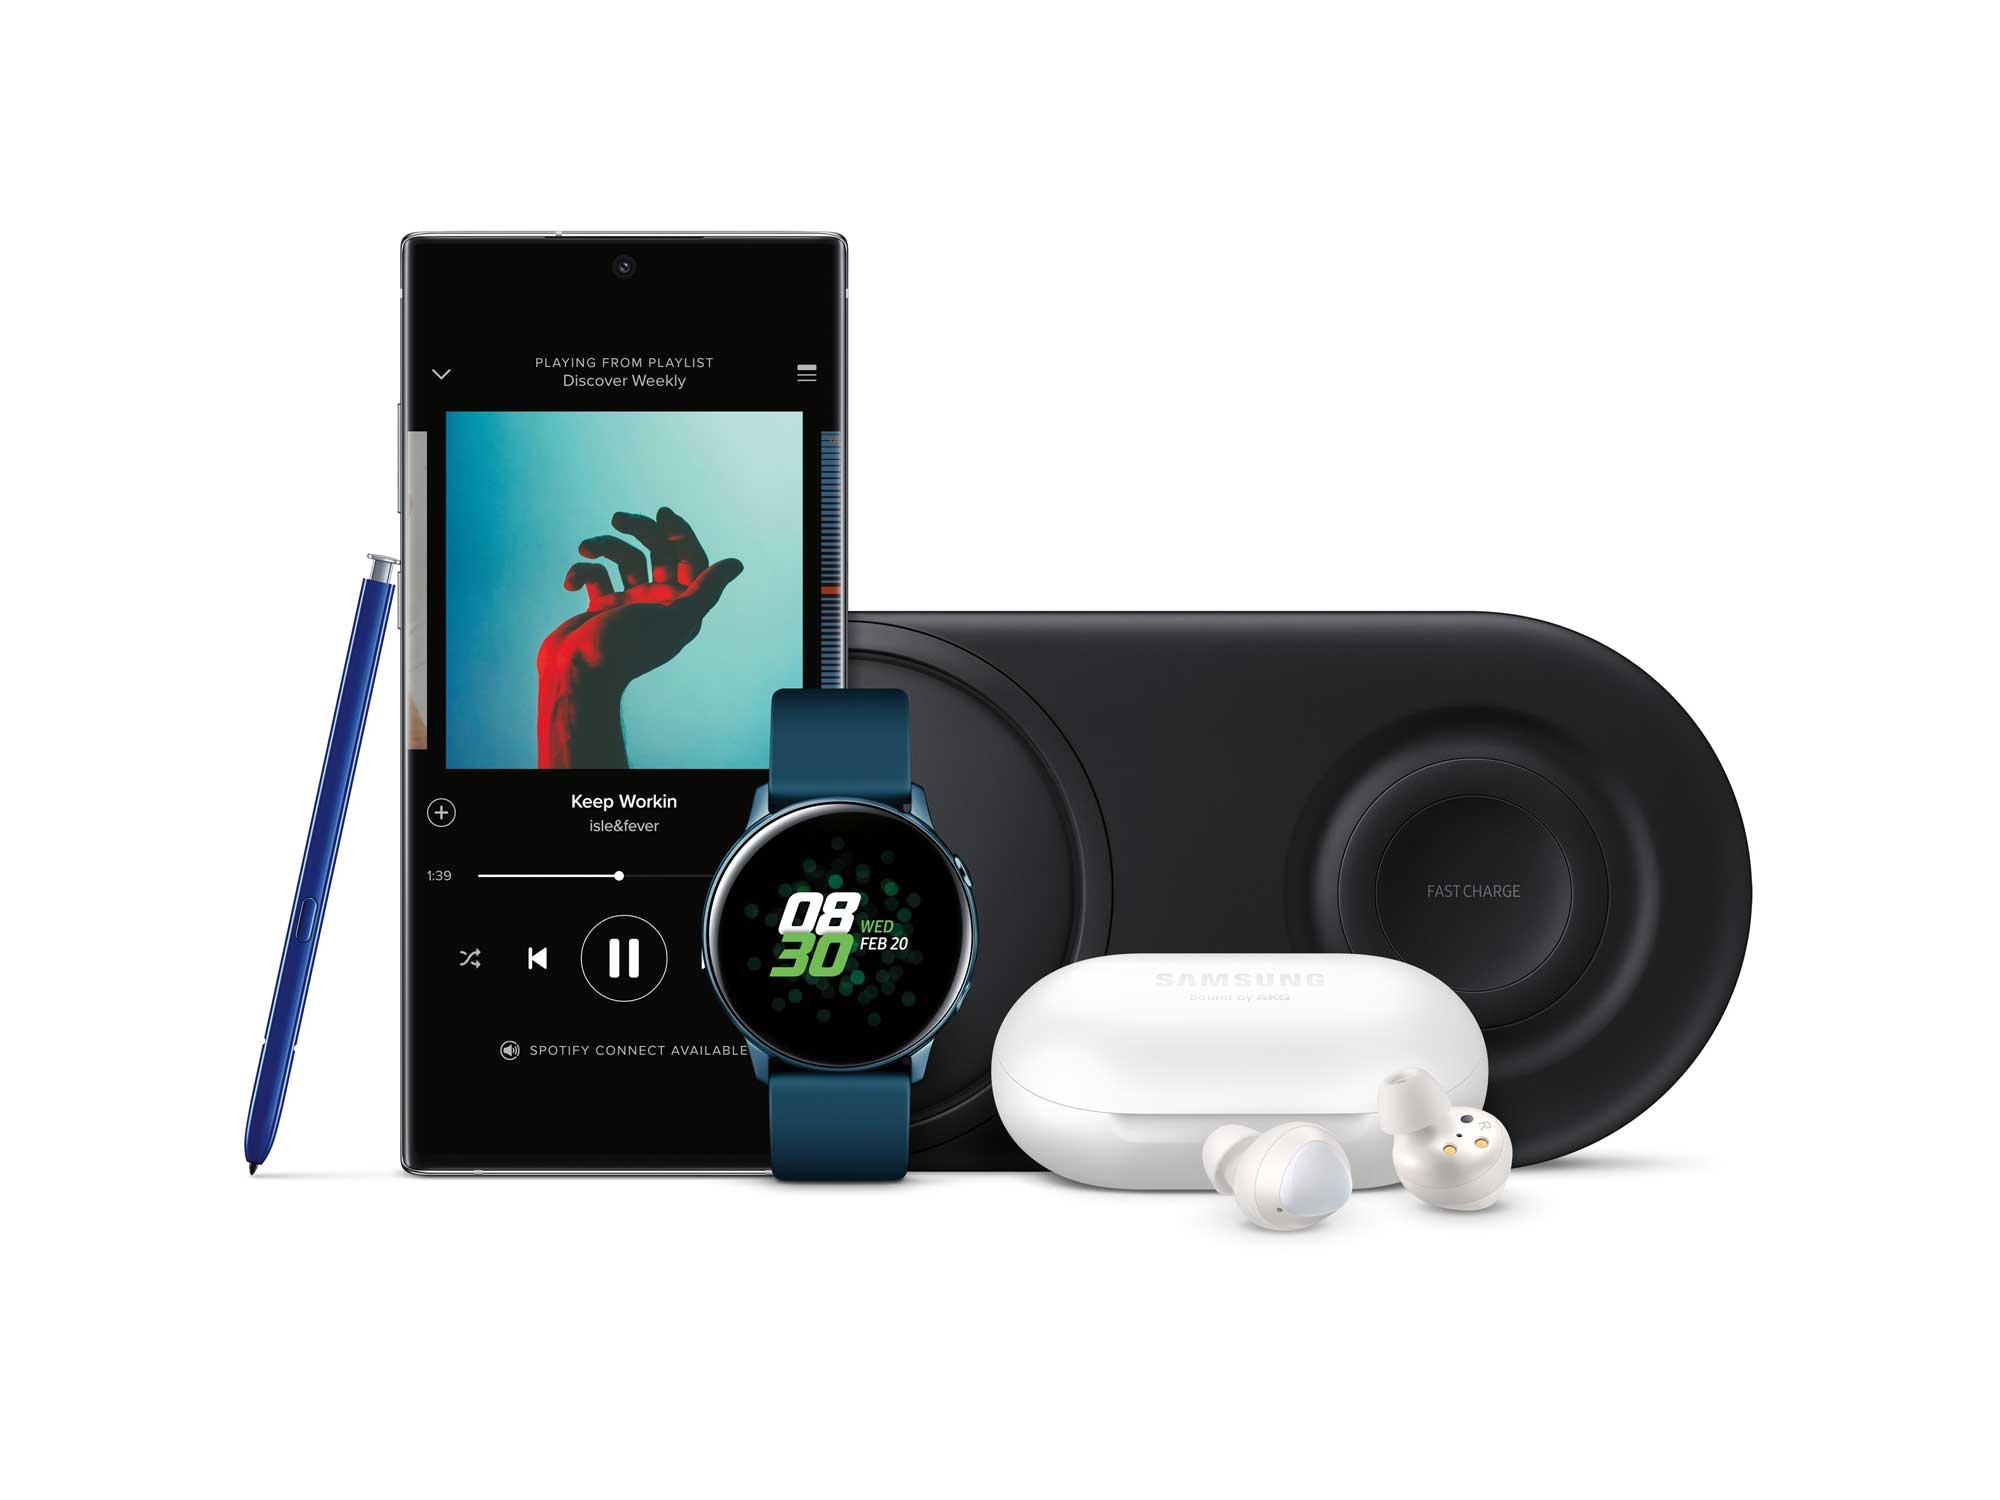 Samsung Galaxy Note10 Pre-order Promo